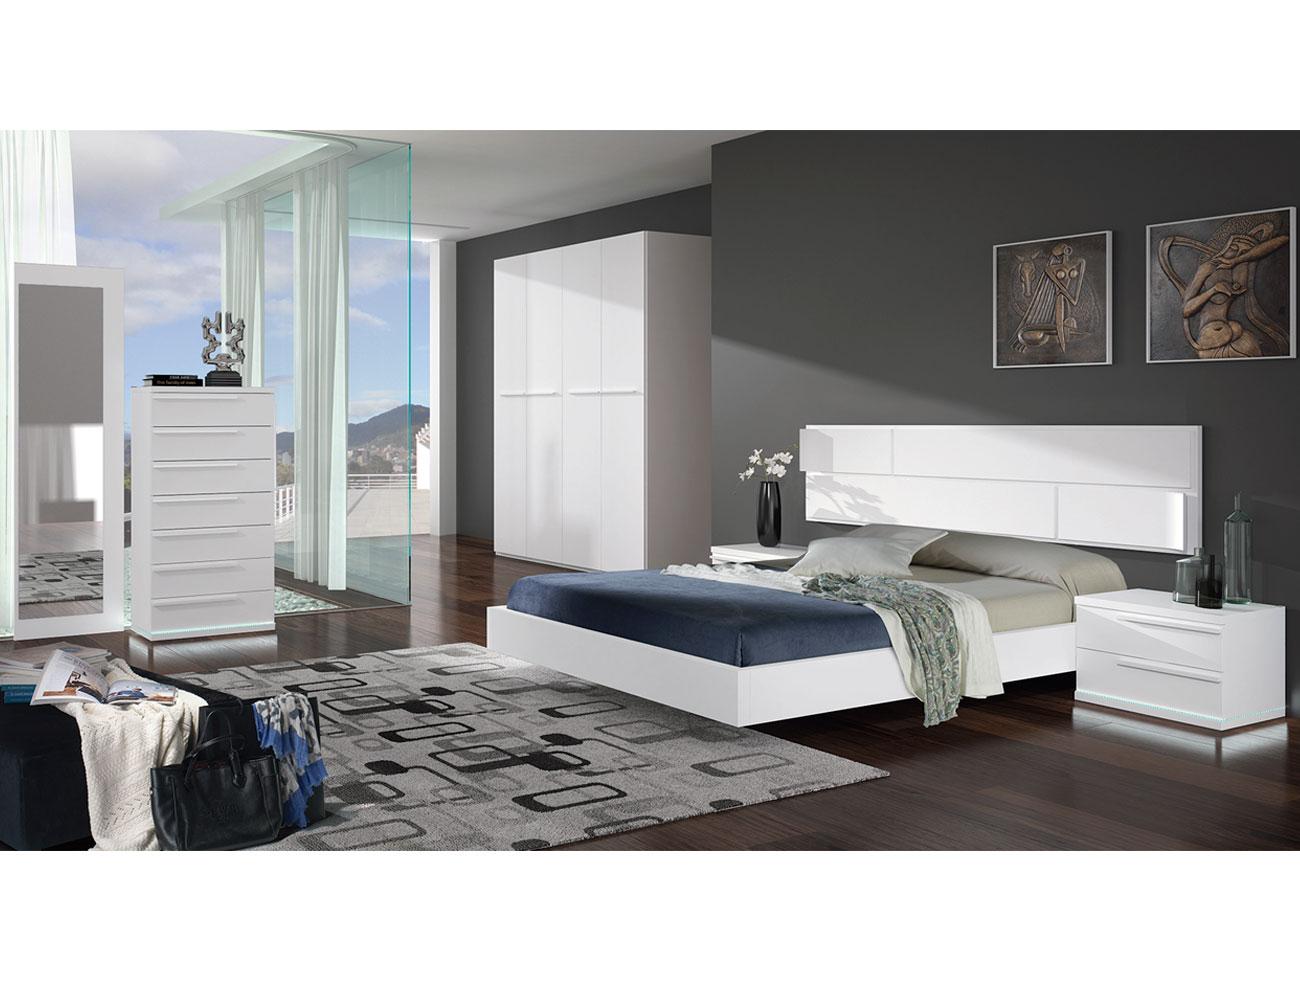 Dormitorio matrimonio blanco calidad 2